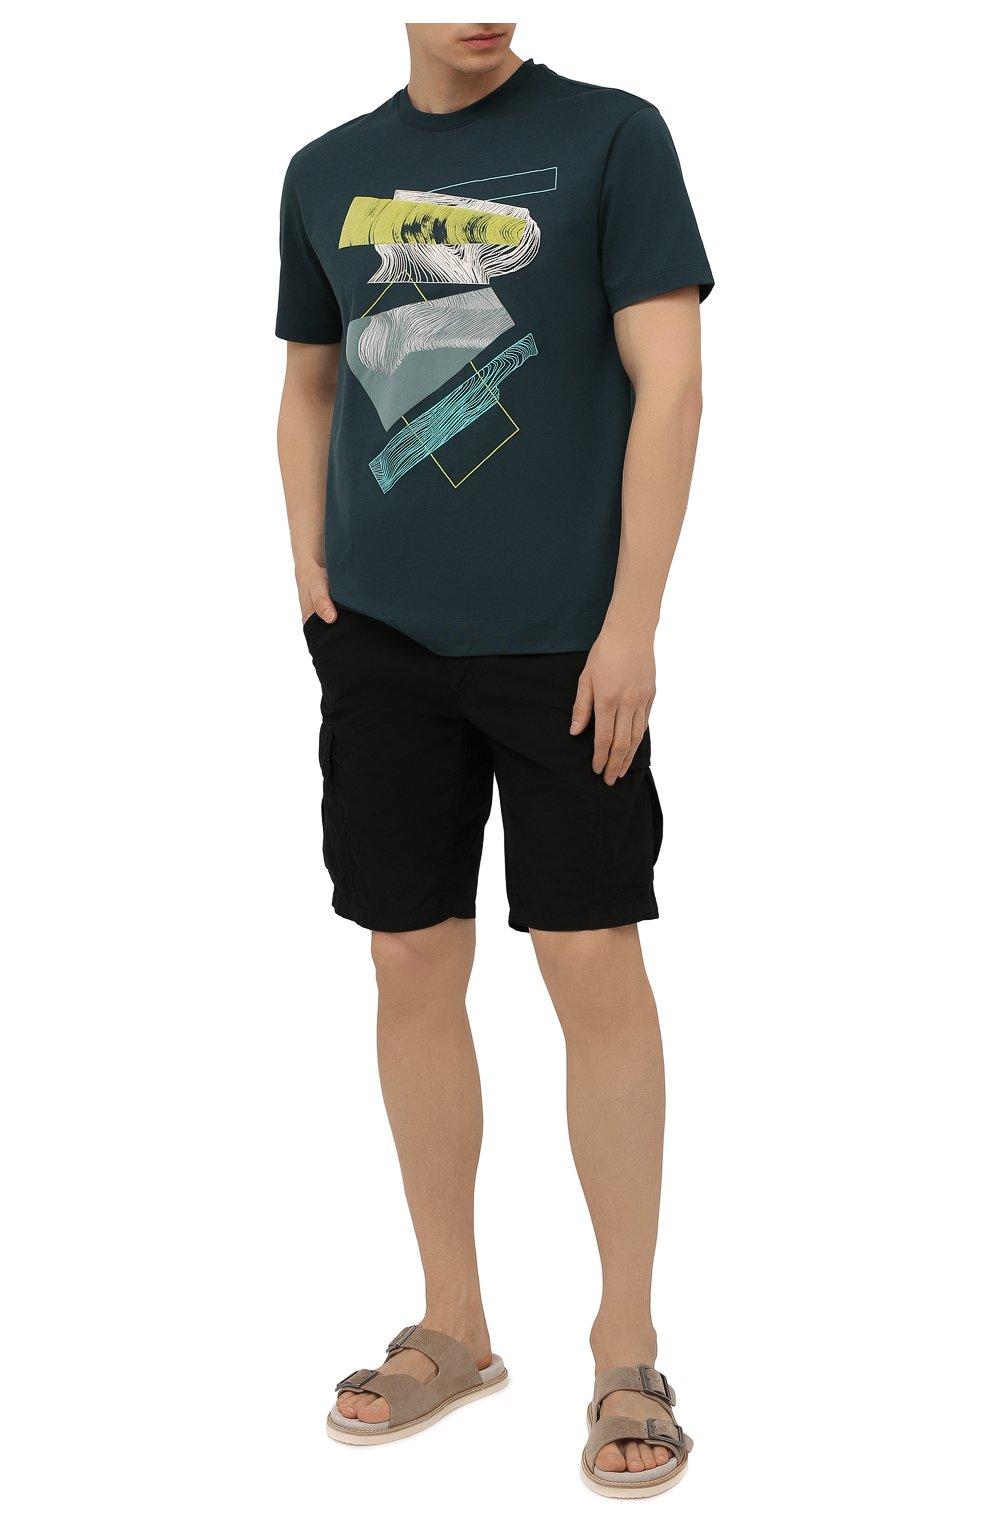 Мужские хлопковые шорты ASPESI черного цвета, арт. S1 A CQ31 G329 | Фото 2 (Мужское Кросс-КТ: Шорты-одежда; Длина Шорты М: До колена; Принт: Без принта; Материал внешний: Хлопок; Стили: Минимализм)